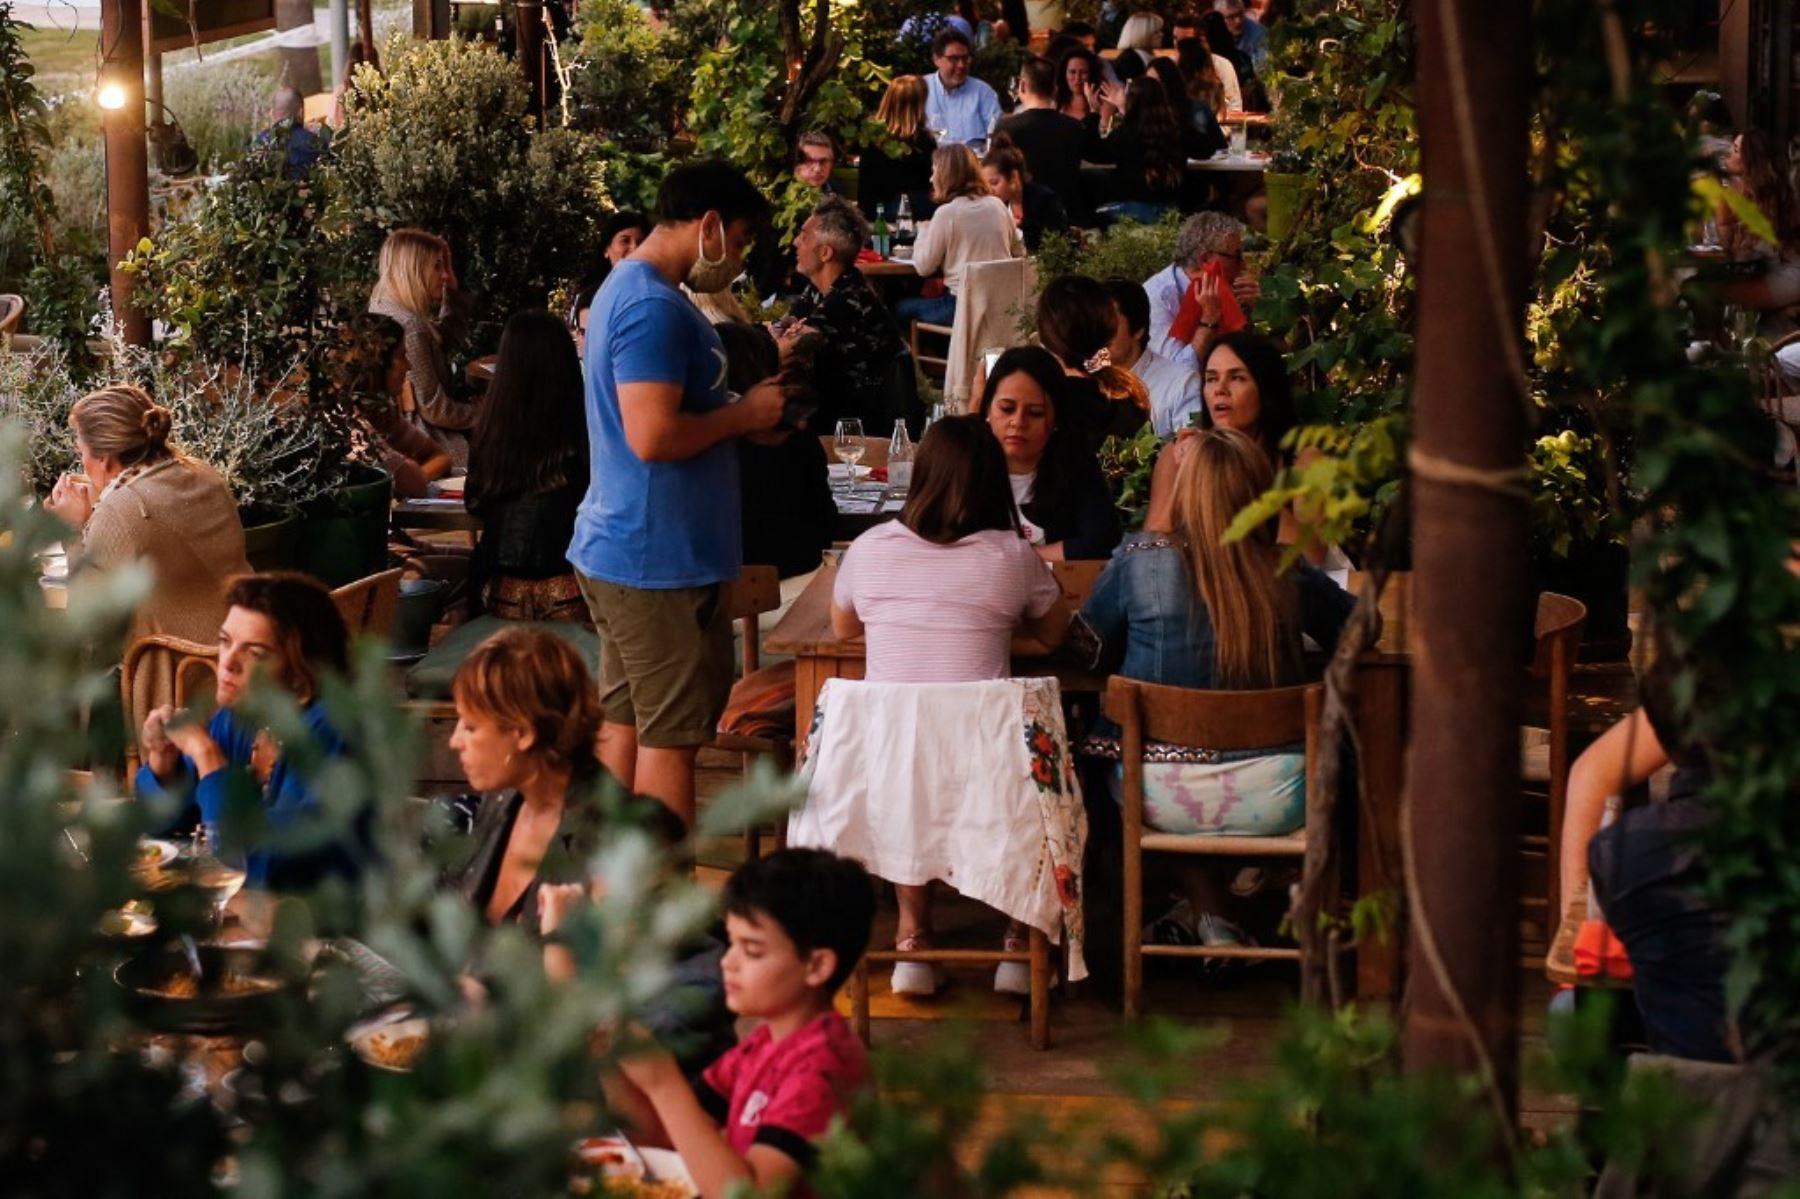 La gente cena en un restaurante cerca de la playa de la Barceloneta en Barcelona. Foto: AFP